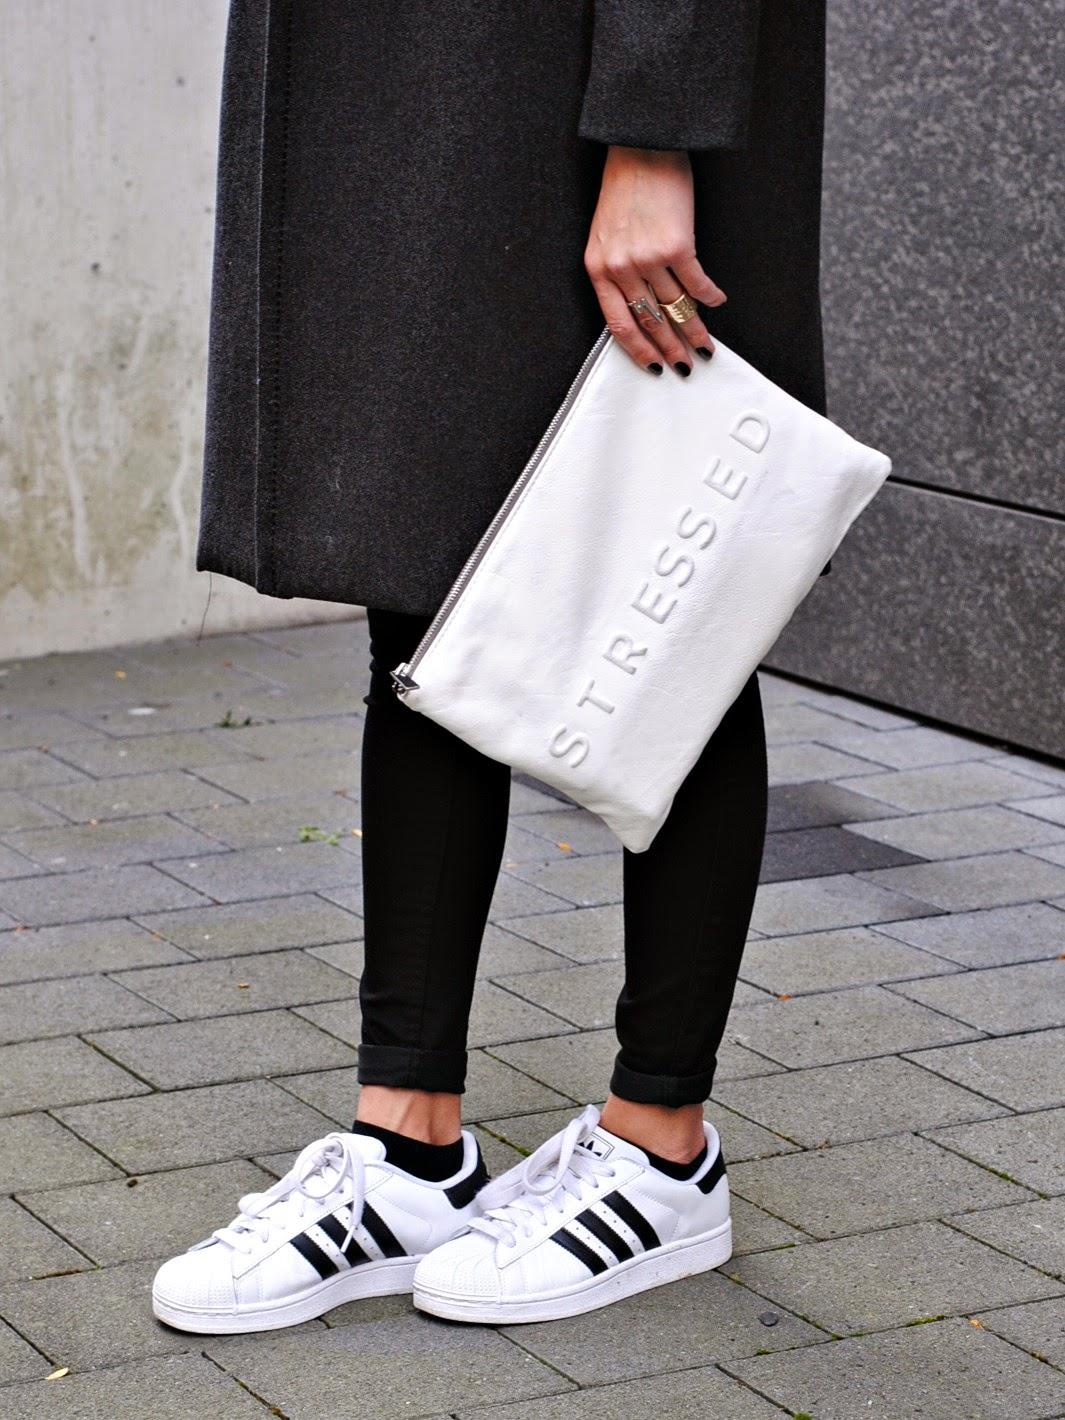 Adidas Superstar Weiß Schwarz Gold Angezogen